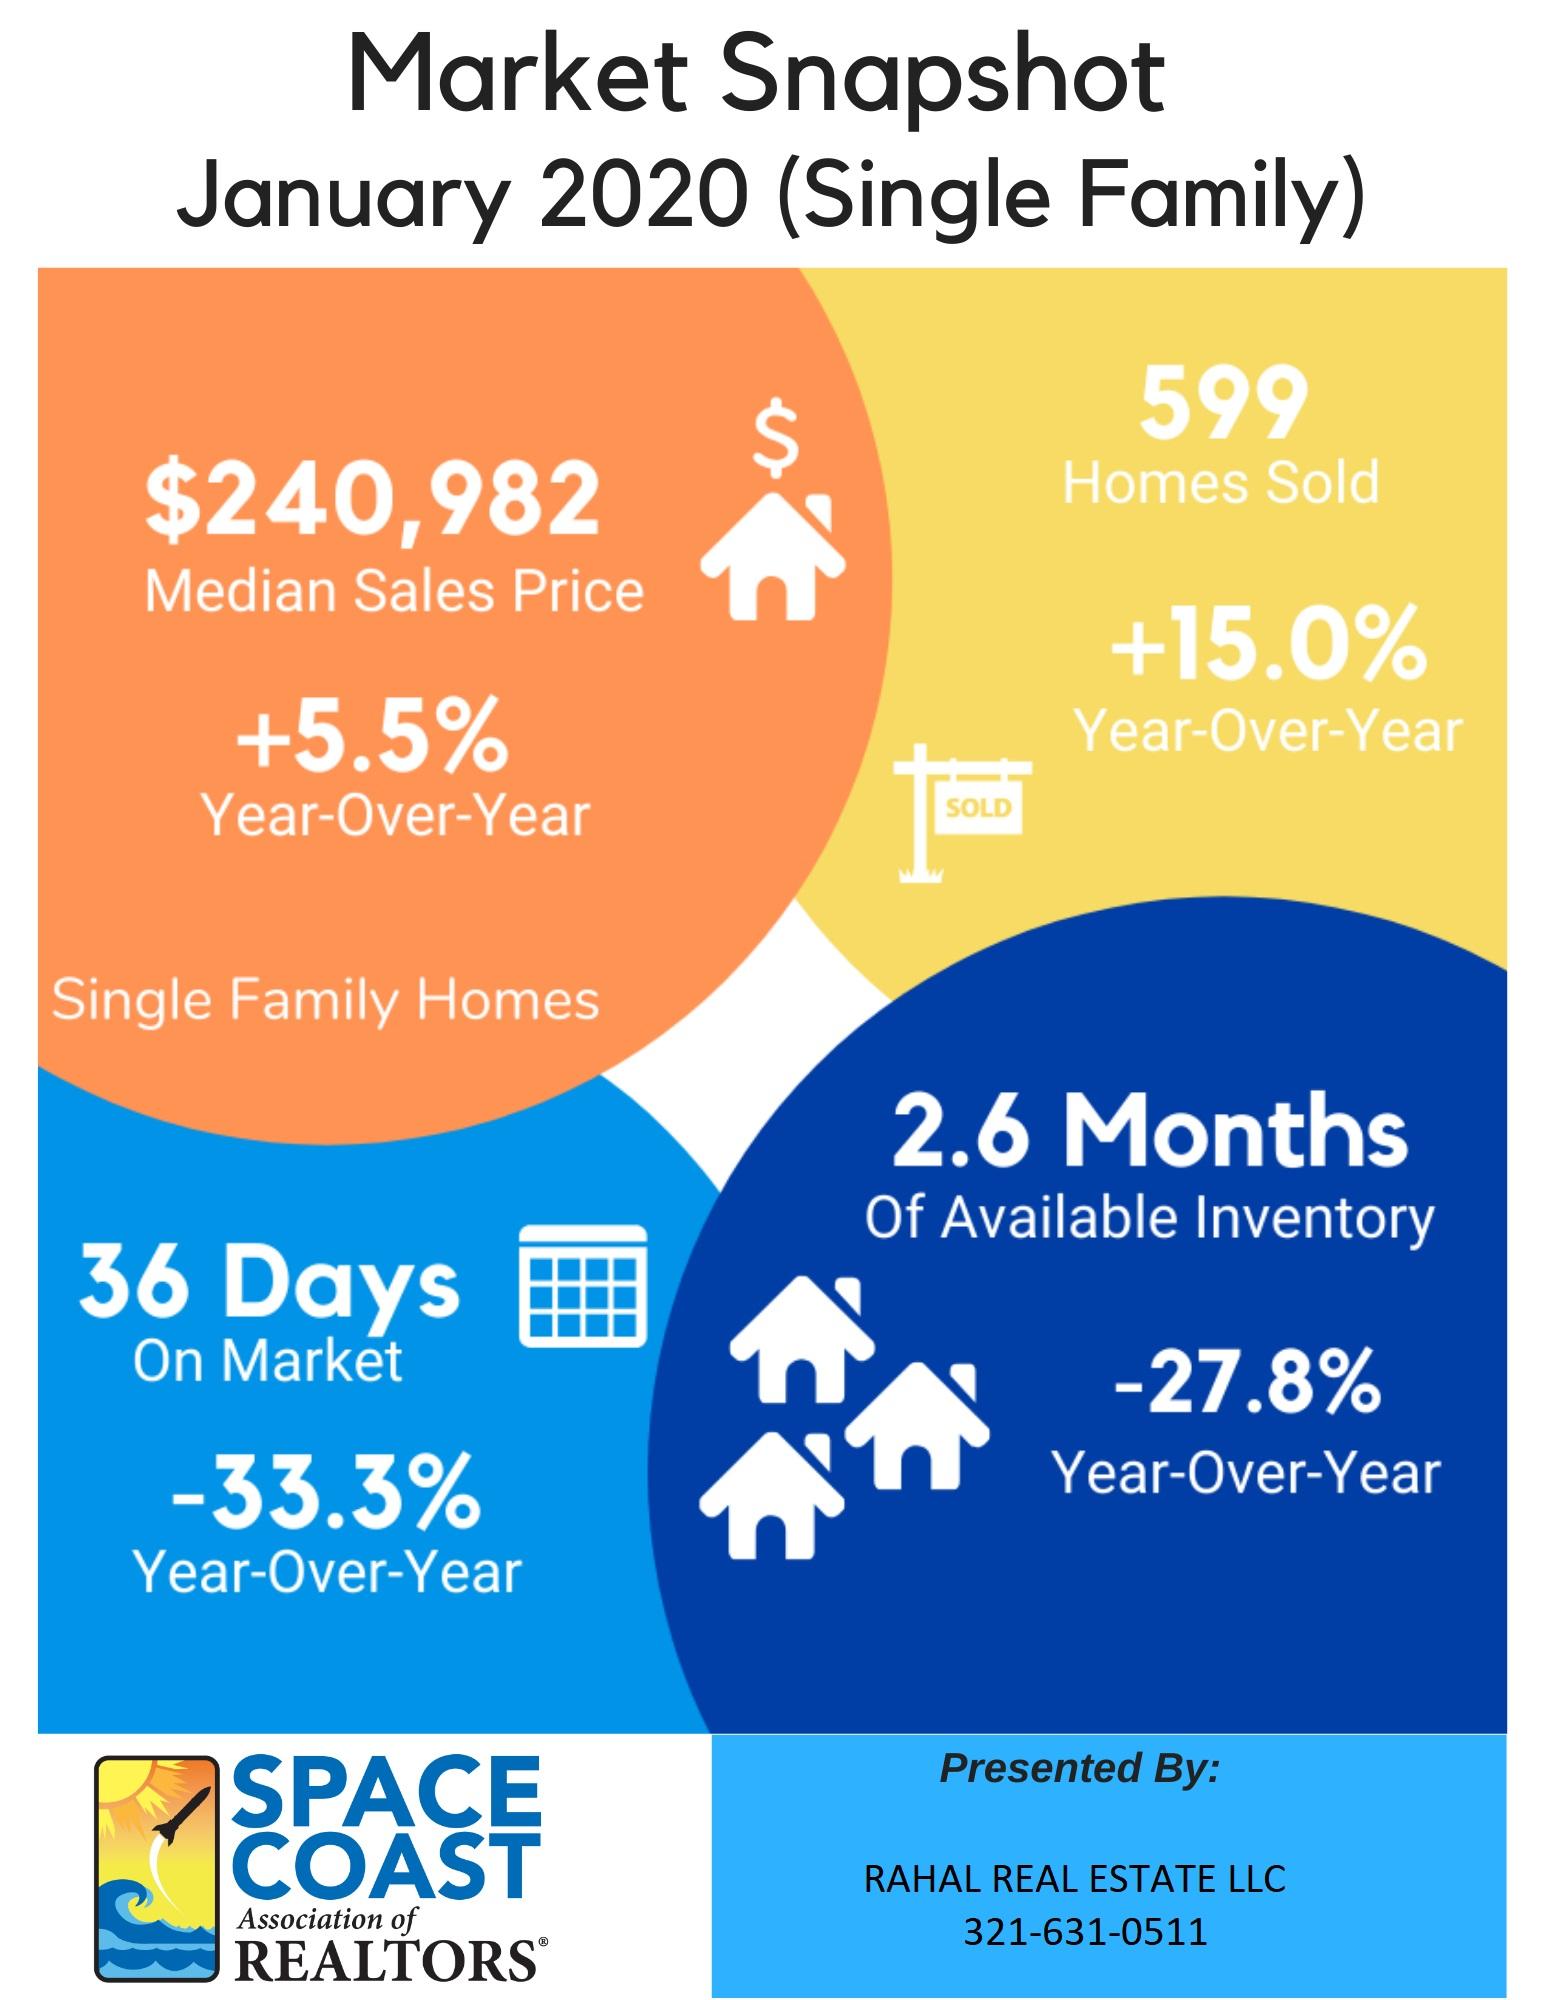 January 2020 Single Family Home Market Snapshot